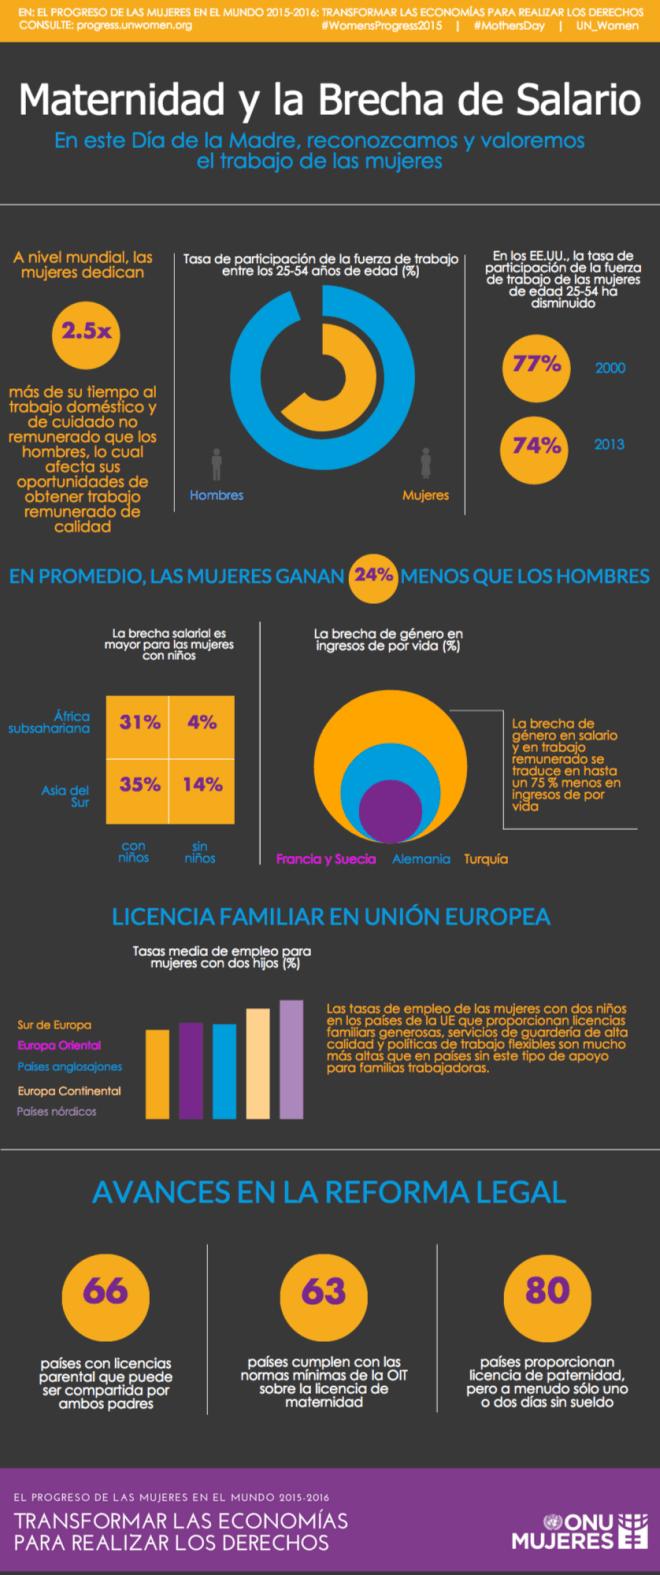 Maternidad y brecha salarial